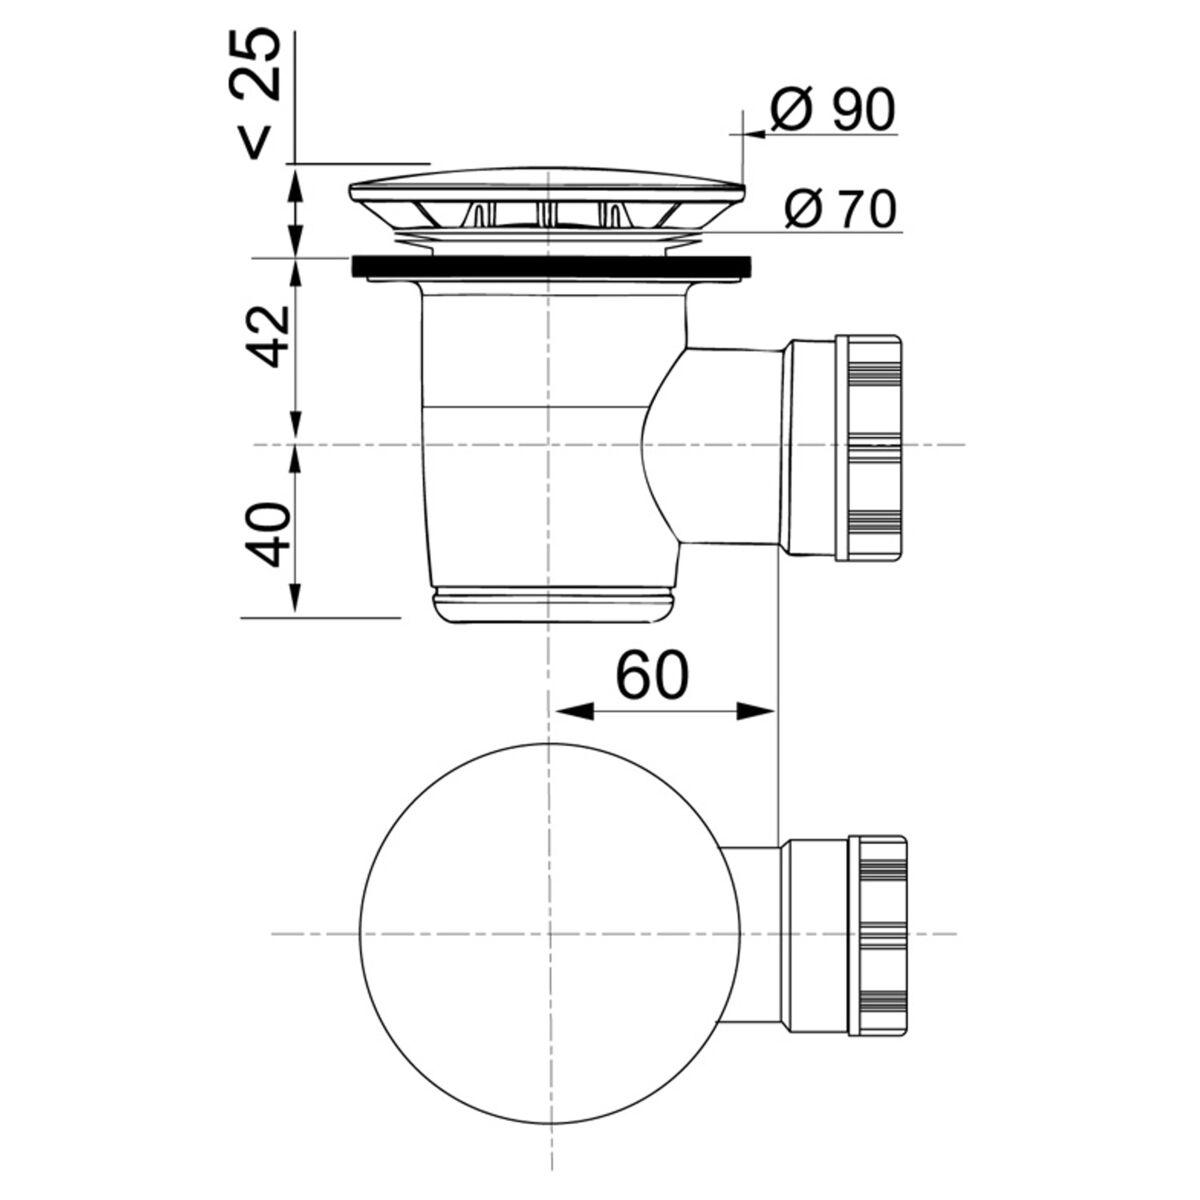 Syfon Brodzikowy 50 Mm Wirquin Syfony W Atrakcyjnej Cenie W Sklepach Leroy Merlin